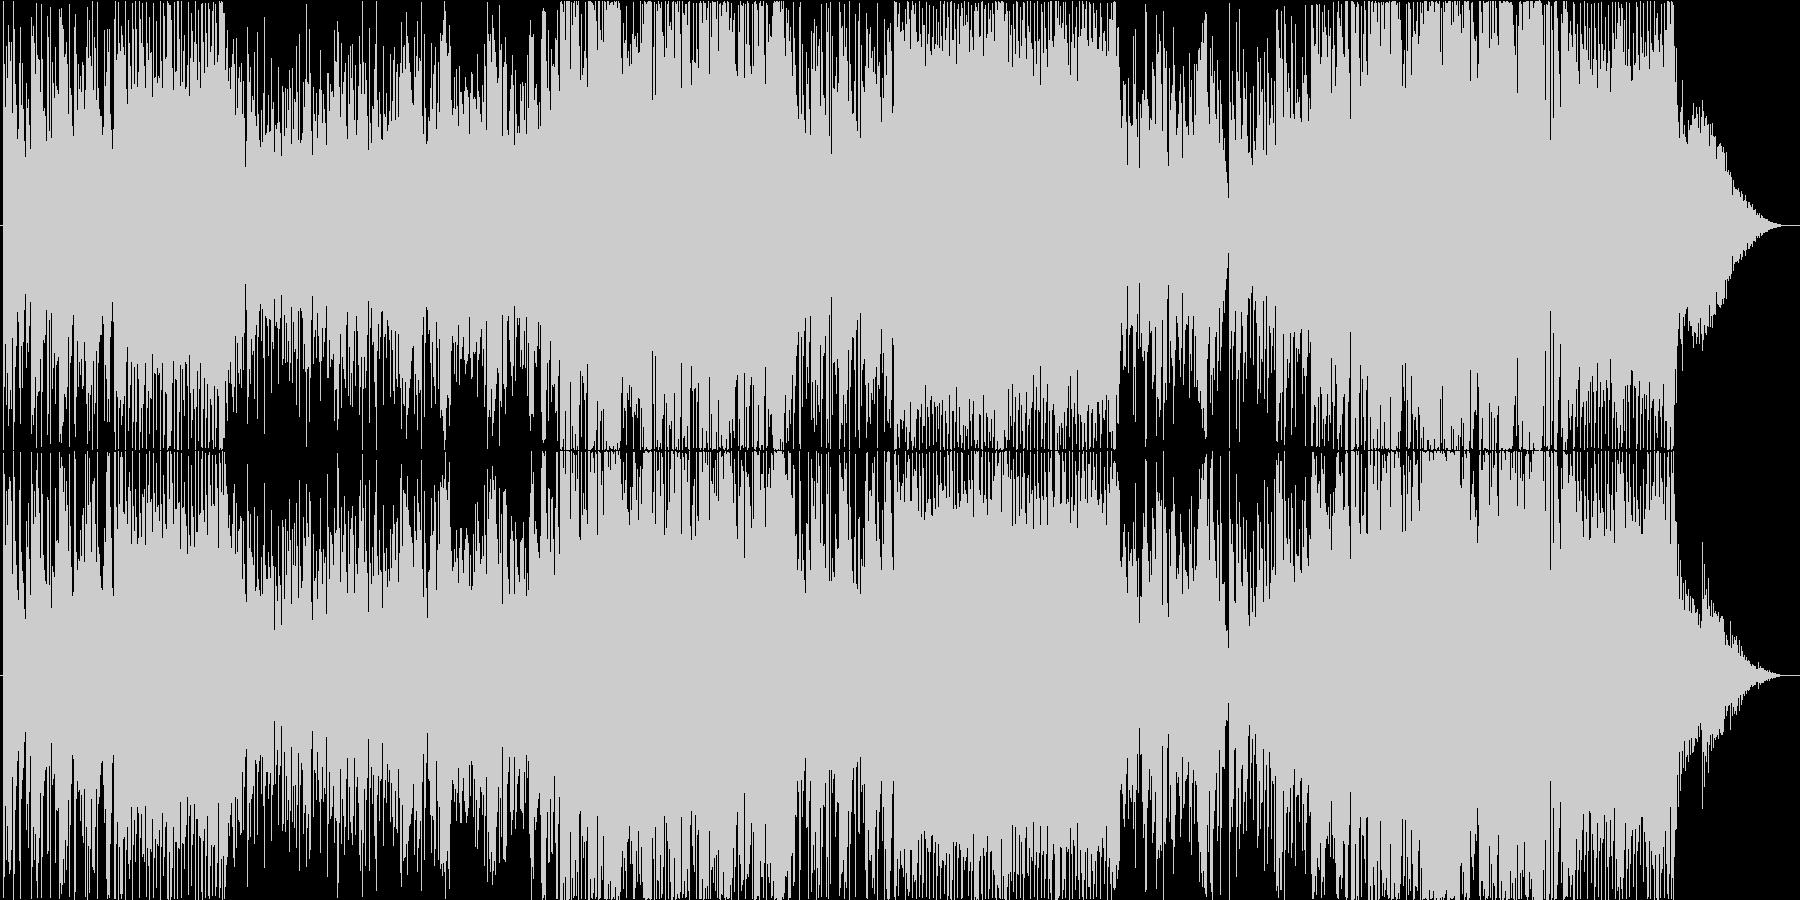 夏の始まりに聞きたいガールズポップロックの未再生の波形